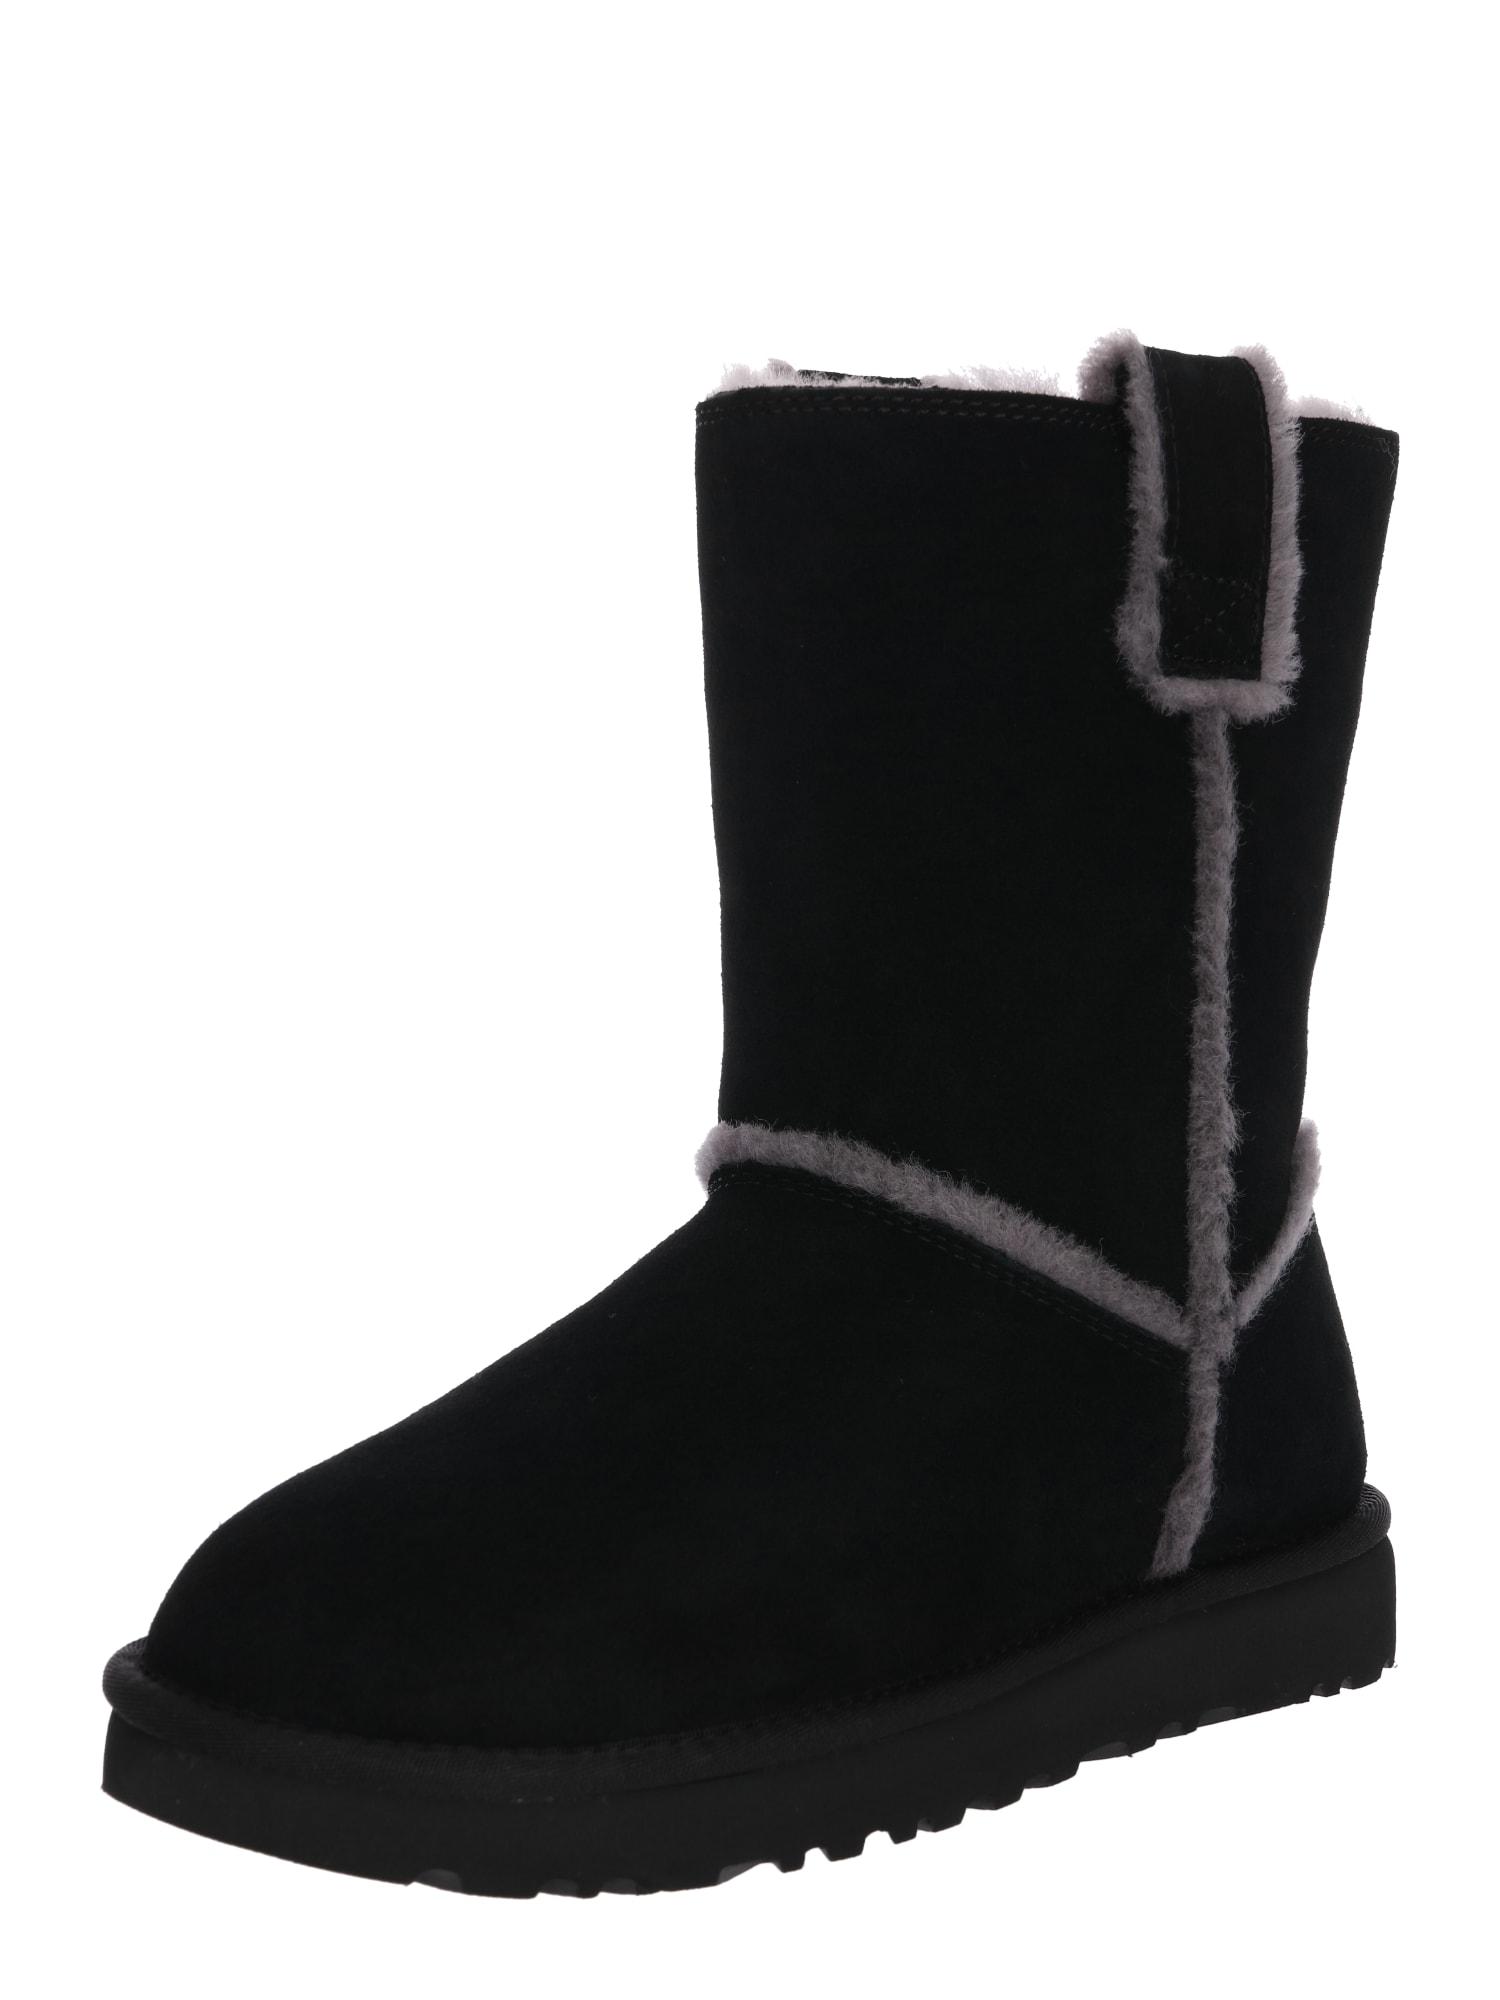 Snowboots 'Spill Seam' | Schuhe > Boots > Snowboots | Ugg